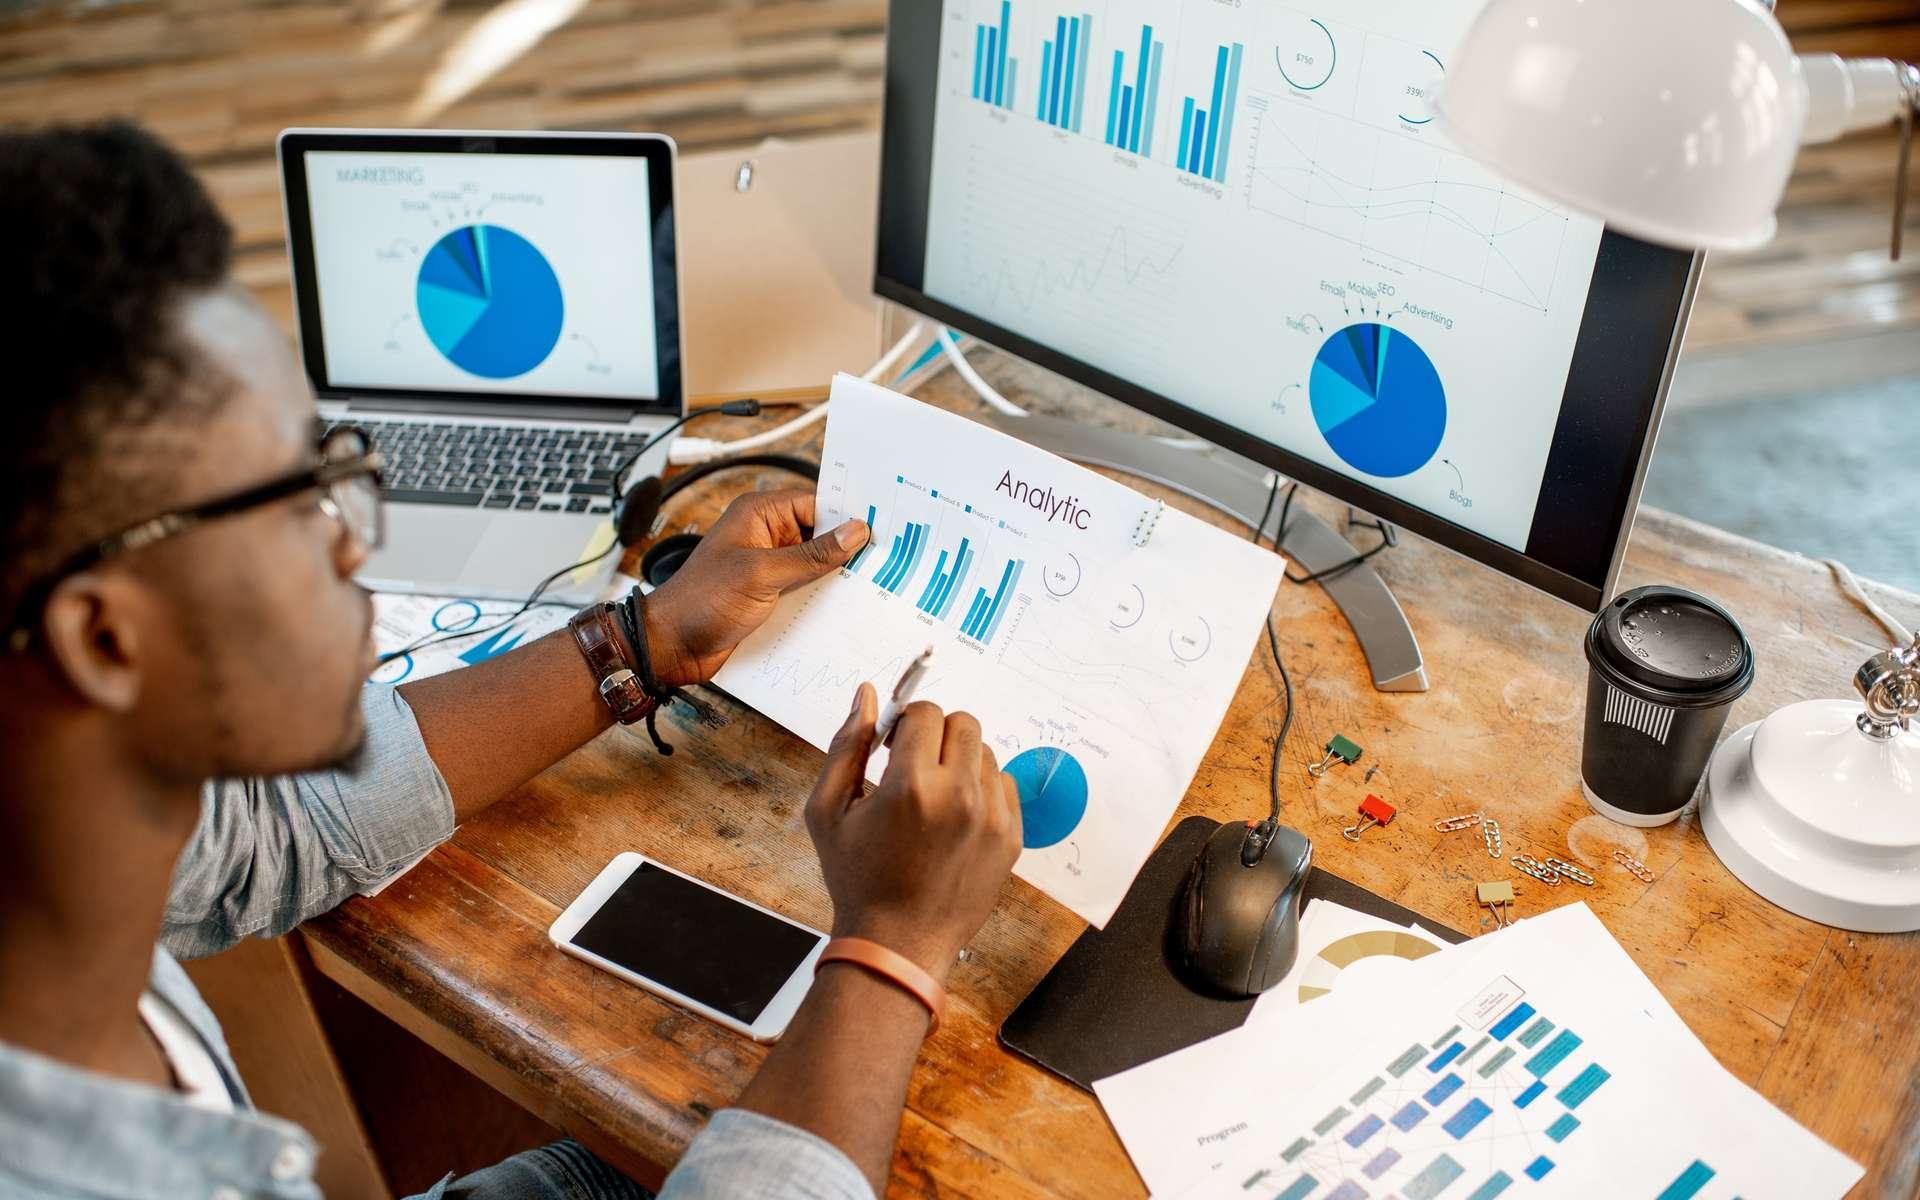 Le data analyst se concentre sur un type de données afin de les valoriser pour en dégager une stratégie marketing. © rh2010, Adobe Stock.